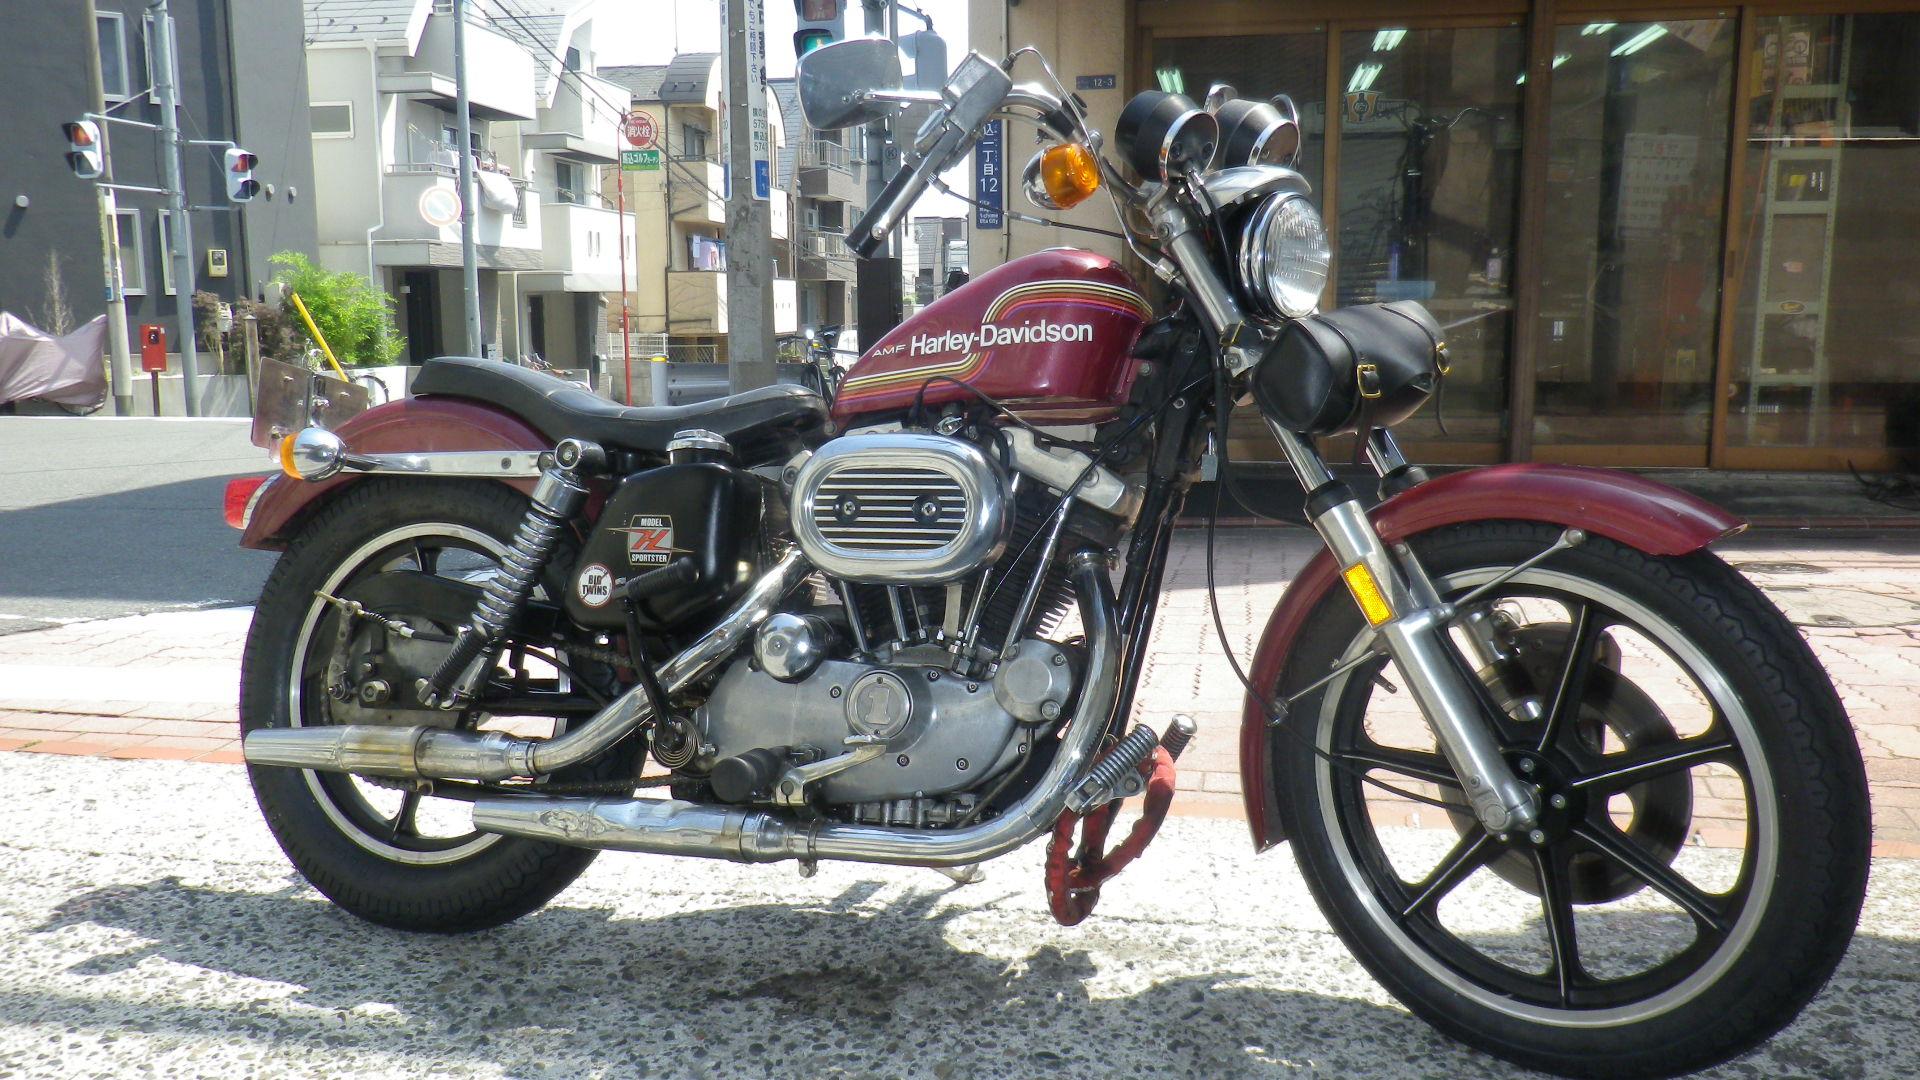 IMGP2596.JPG